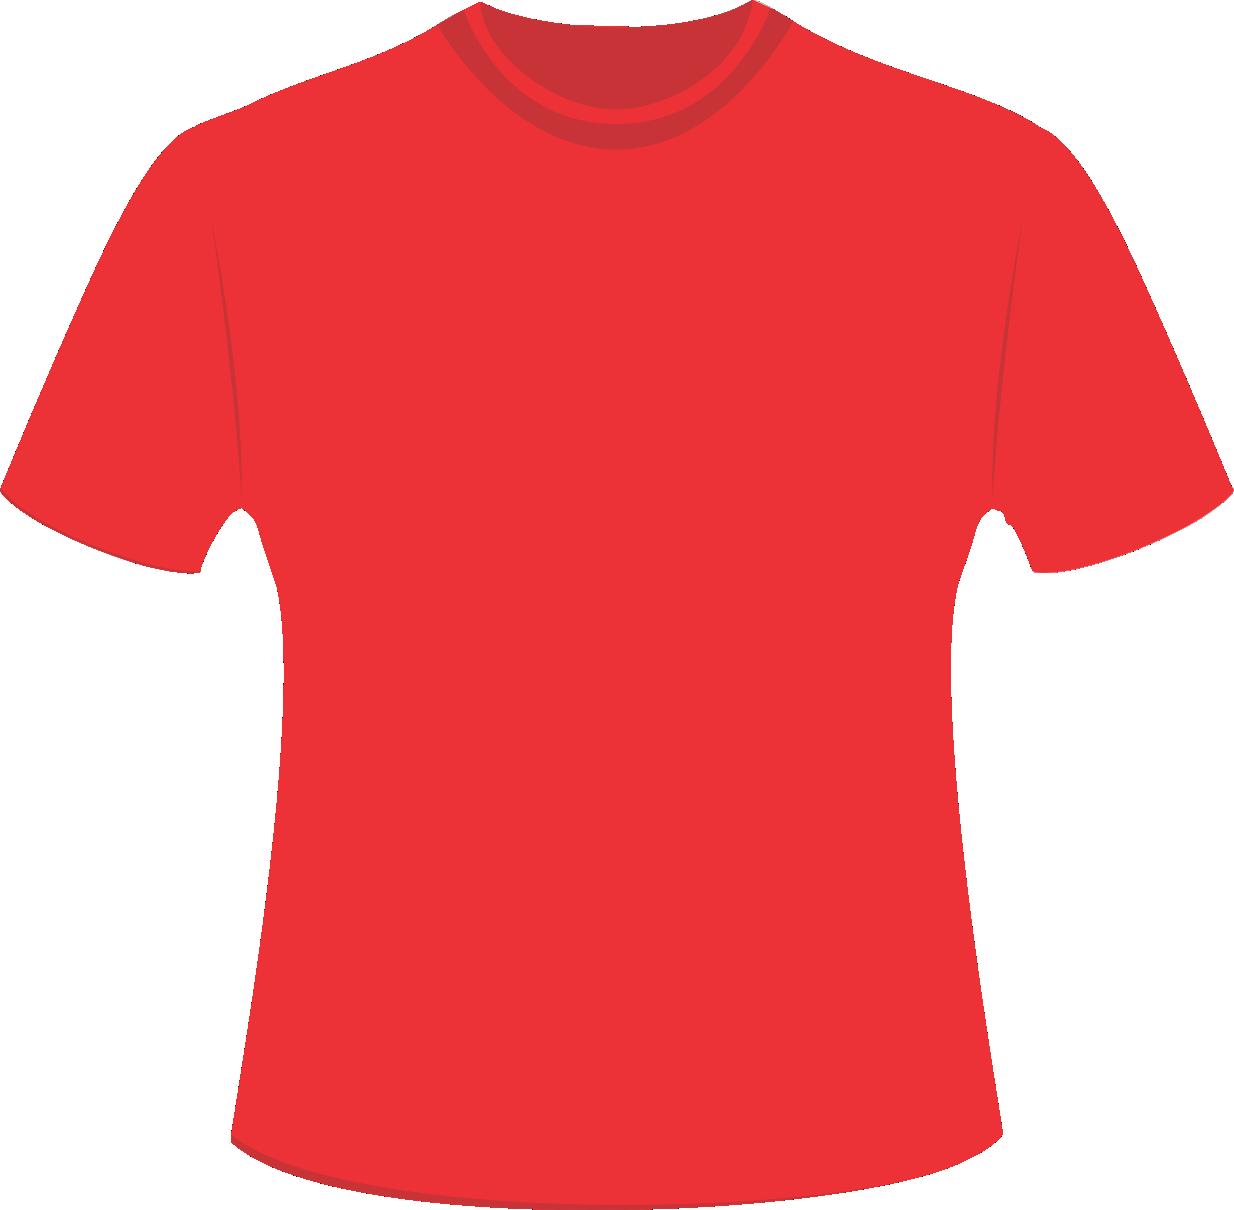 Mockup Camiseta Vermelha Editável PNG e Vetor.